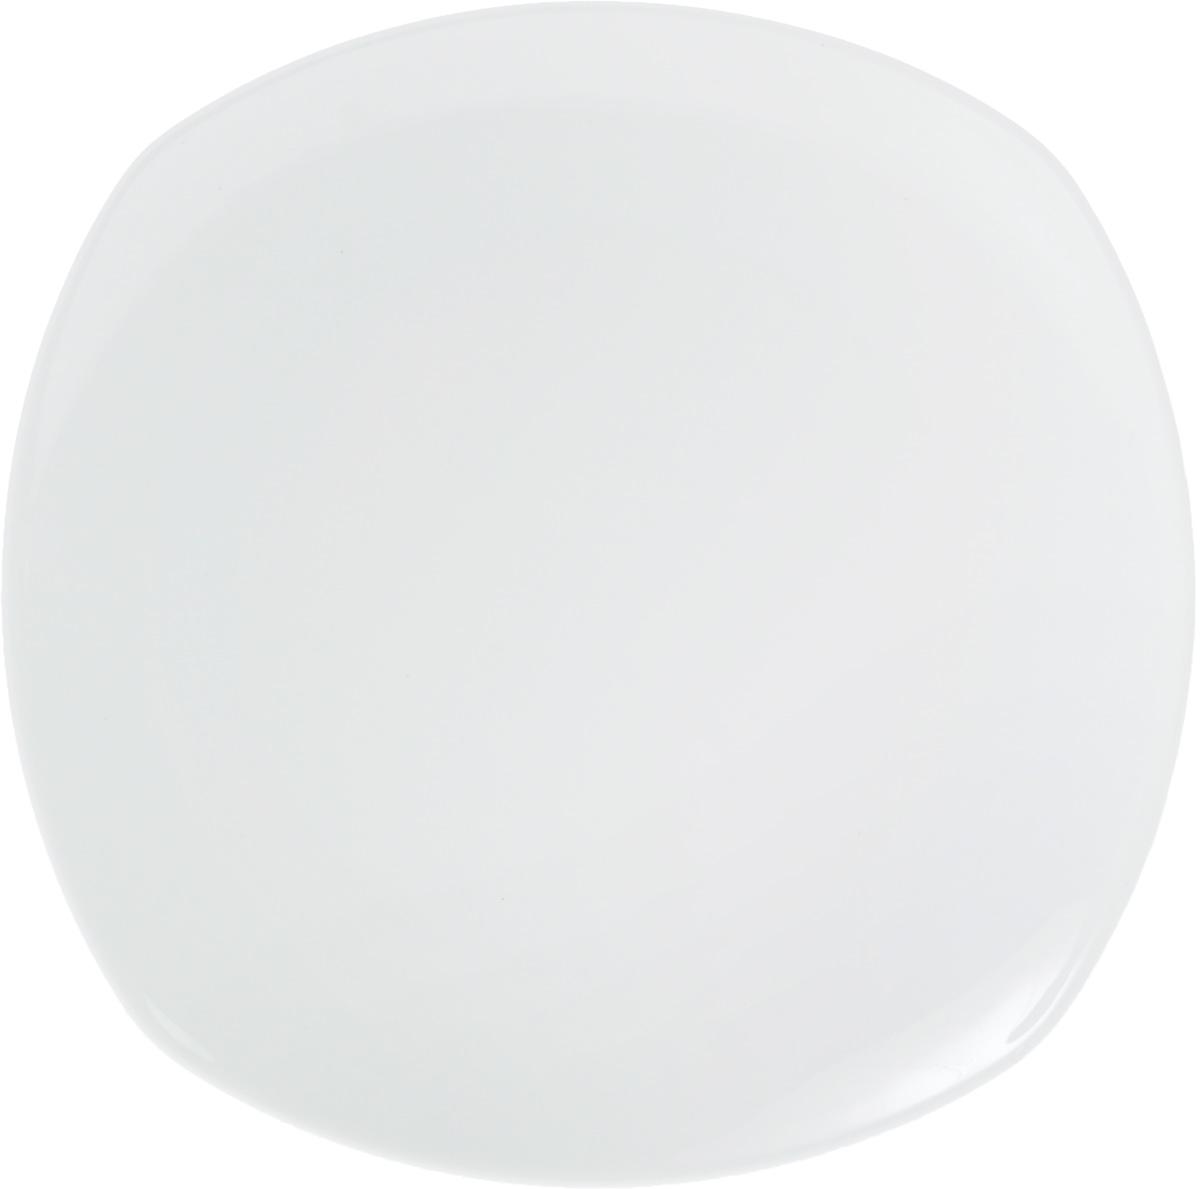 Тарелка Wilmax, 28 х 28 смWL-991221 / AТарелка Wilmax, изготовленная из высококачественного фарфора, имеет оригинальную. Изящный дизайн придется по вкусу и ценителям классики, и тем, кто предпочитает утонченность и изысканность. Тарелка Wilmax идеально подойдет для сервировки стола и станет отличным подарком к любому празднику. Размер тарелки (по верхнему краю): 27 х 27 см.